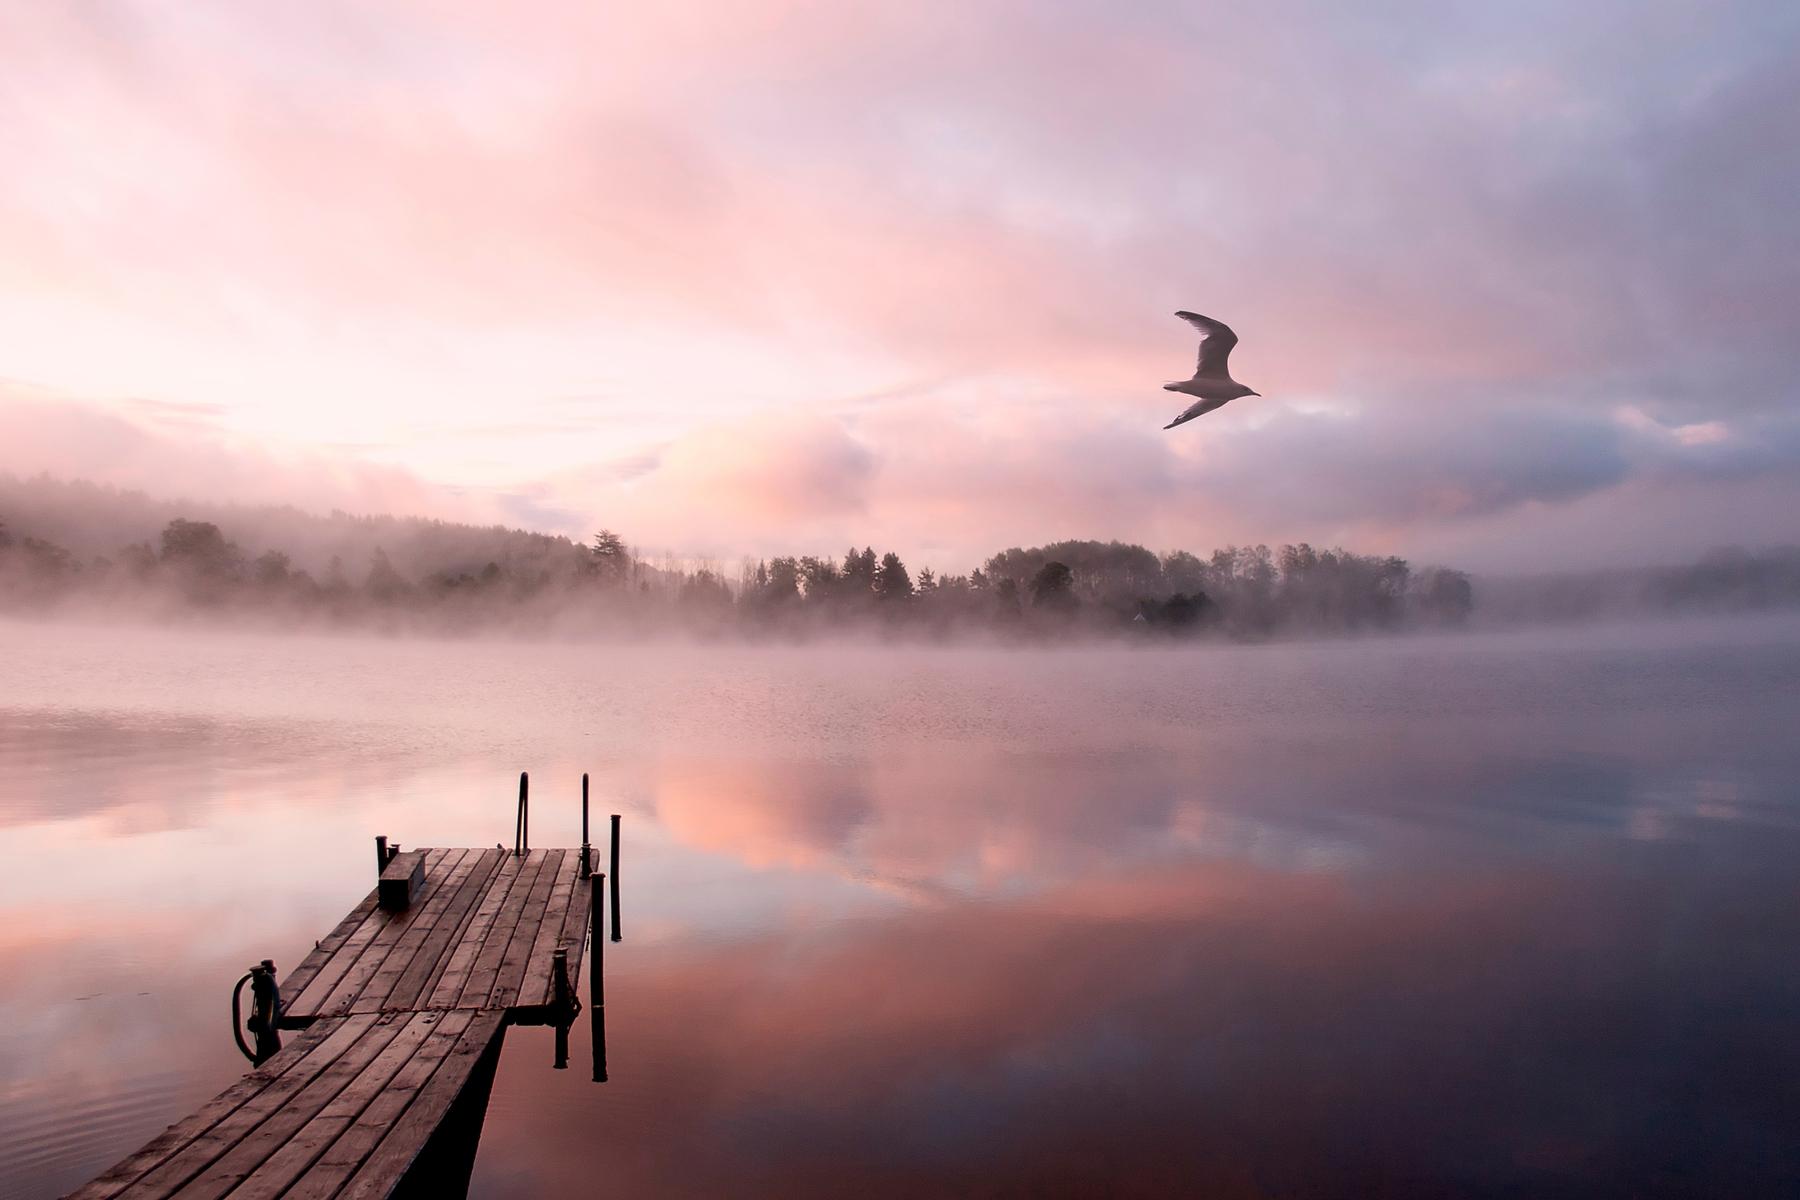 Розовый рассвет над Ладожским озером в Республике Карелия, Россия